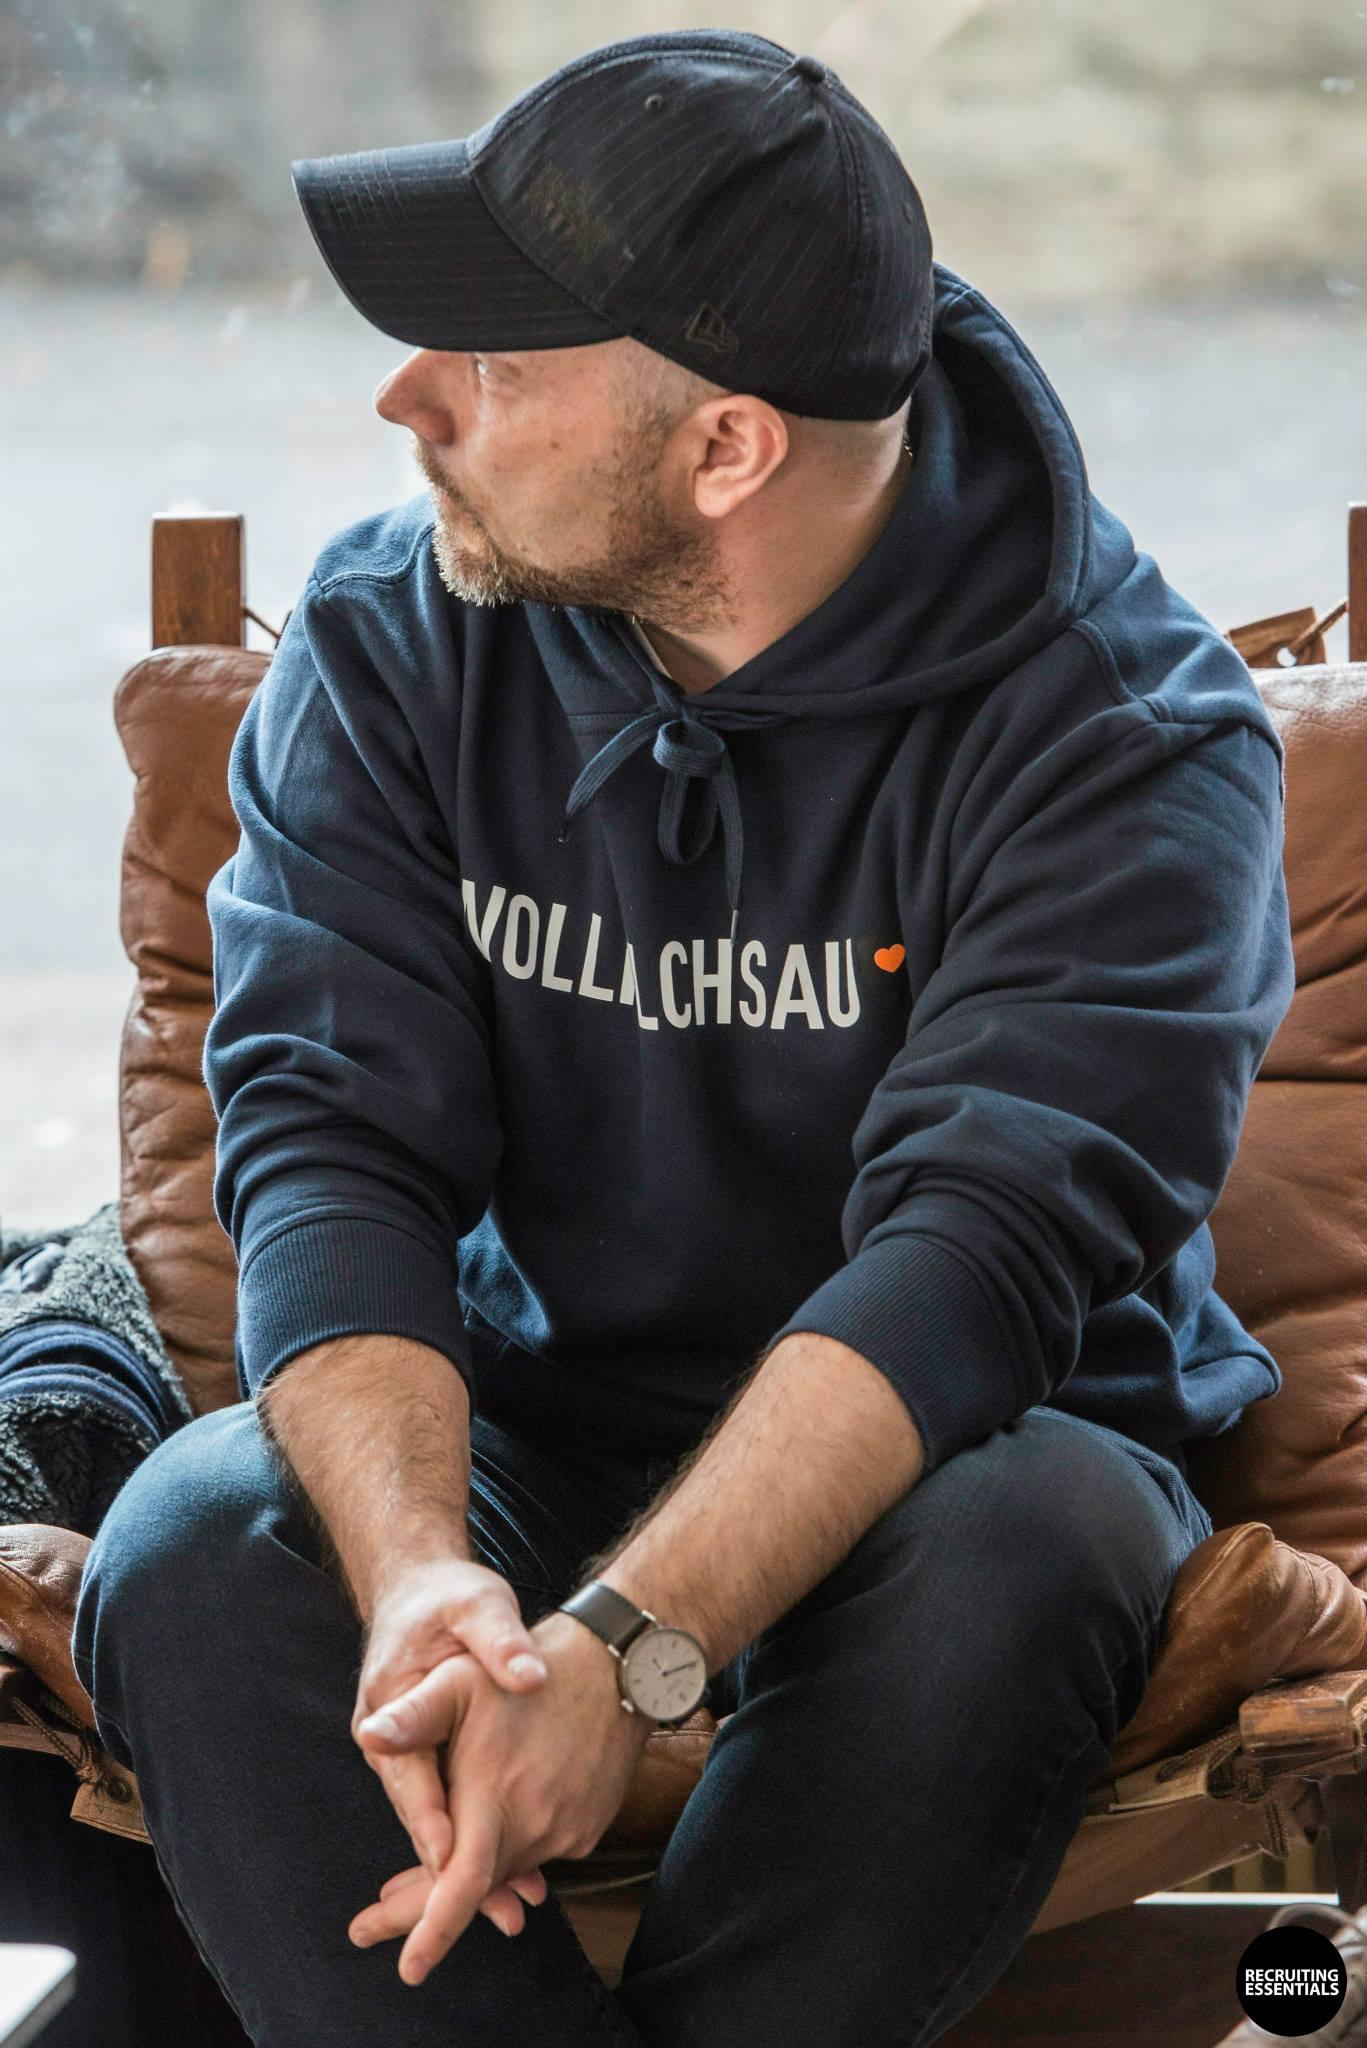 Ganouchi_Wollmilchsau